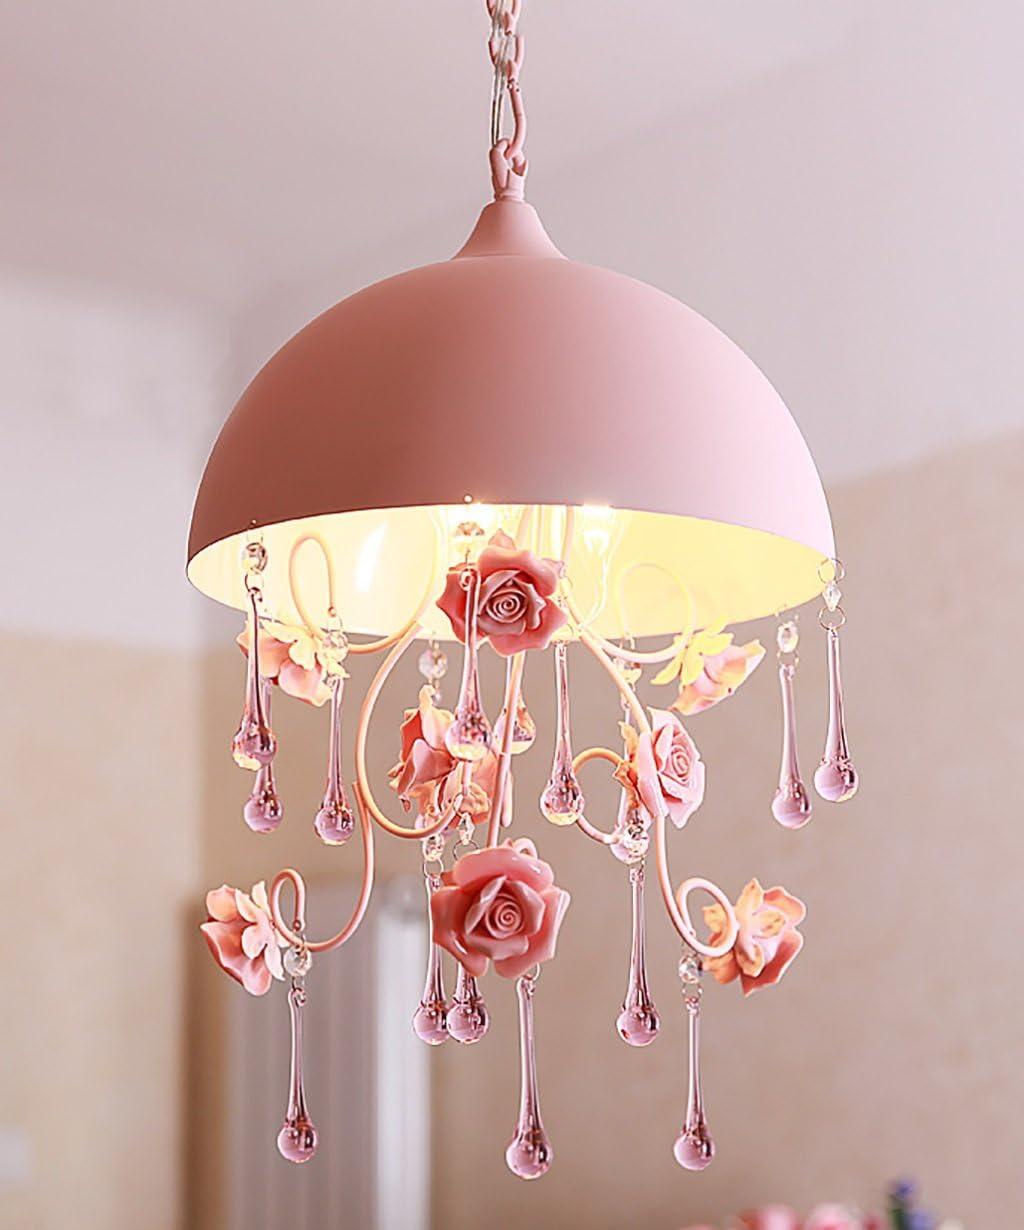 Creativa cabeza de hierro tercera cabeza de estudio de sala de luces de techo de la lámpara Habitación Sala escaleras hijos luces decorativas rosa (Color : A)